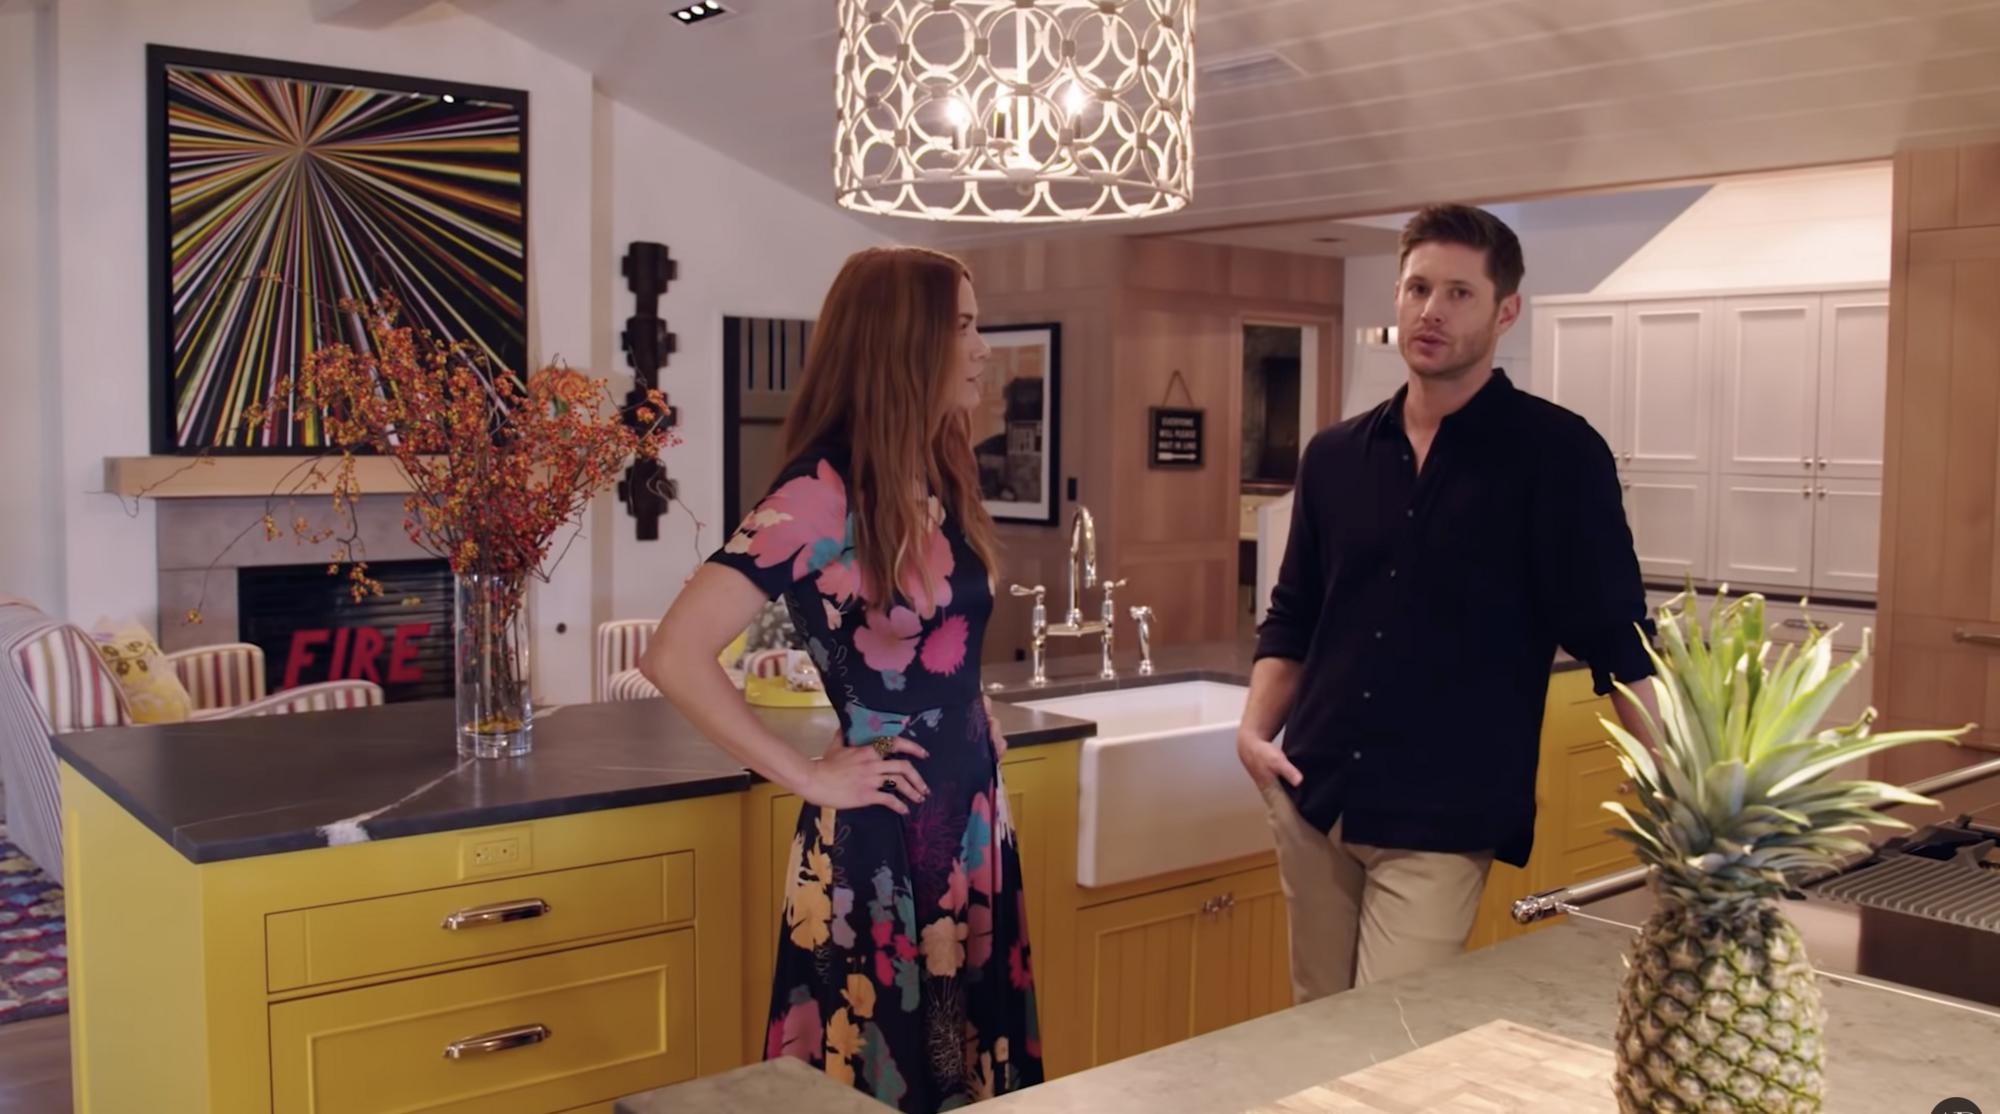 У будинку Дженсена Еклса простора кухня.